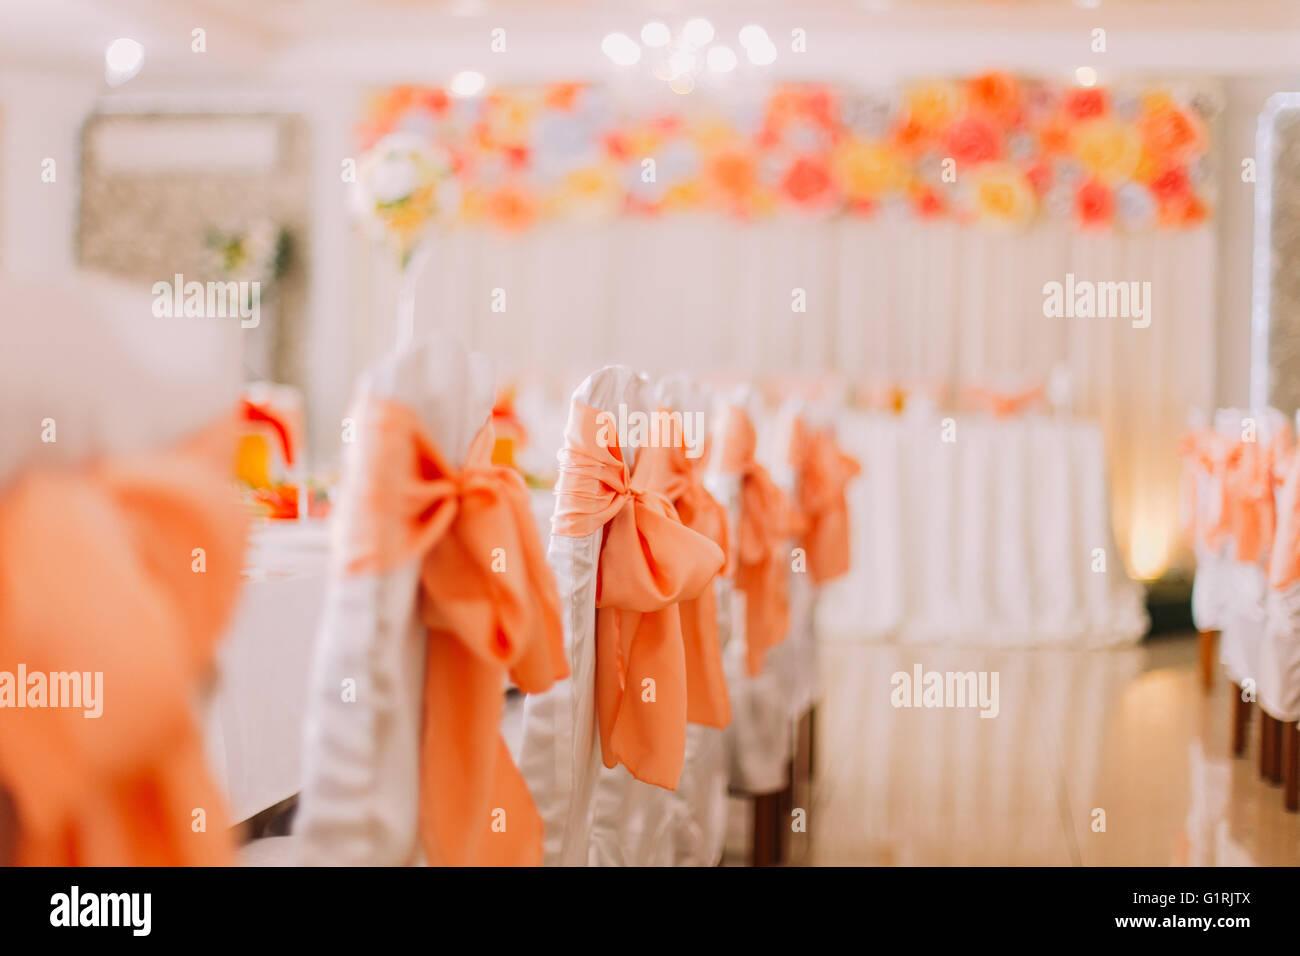 Weisse Stuhle Mit Orange Band Dekoration In Einem Luxus Hochzeit Saal